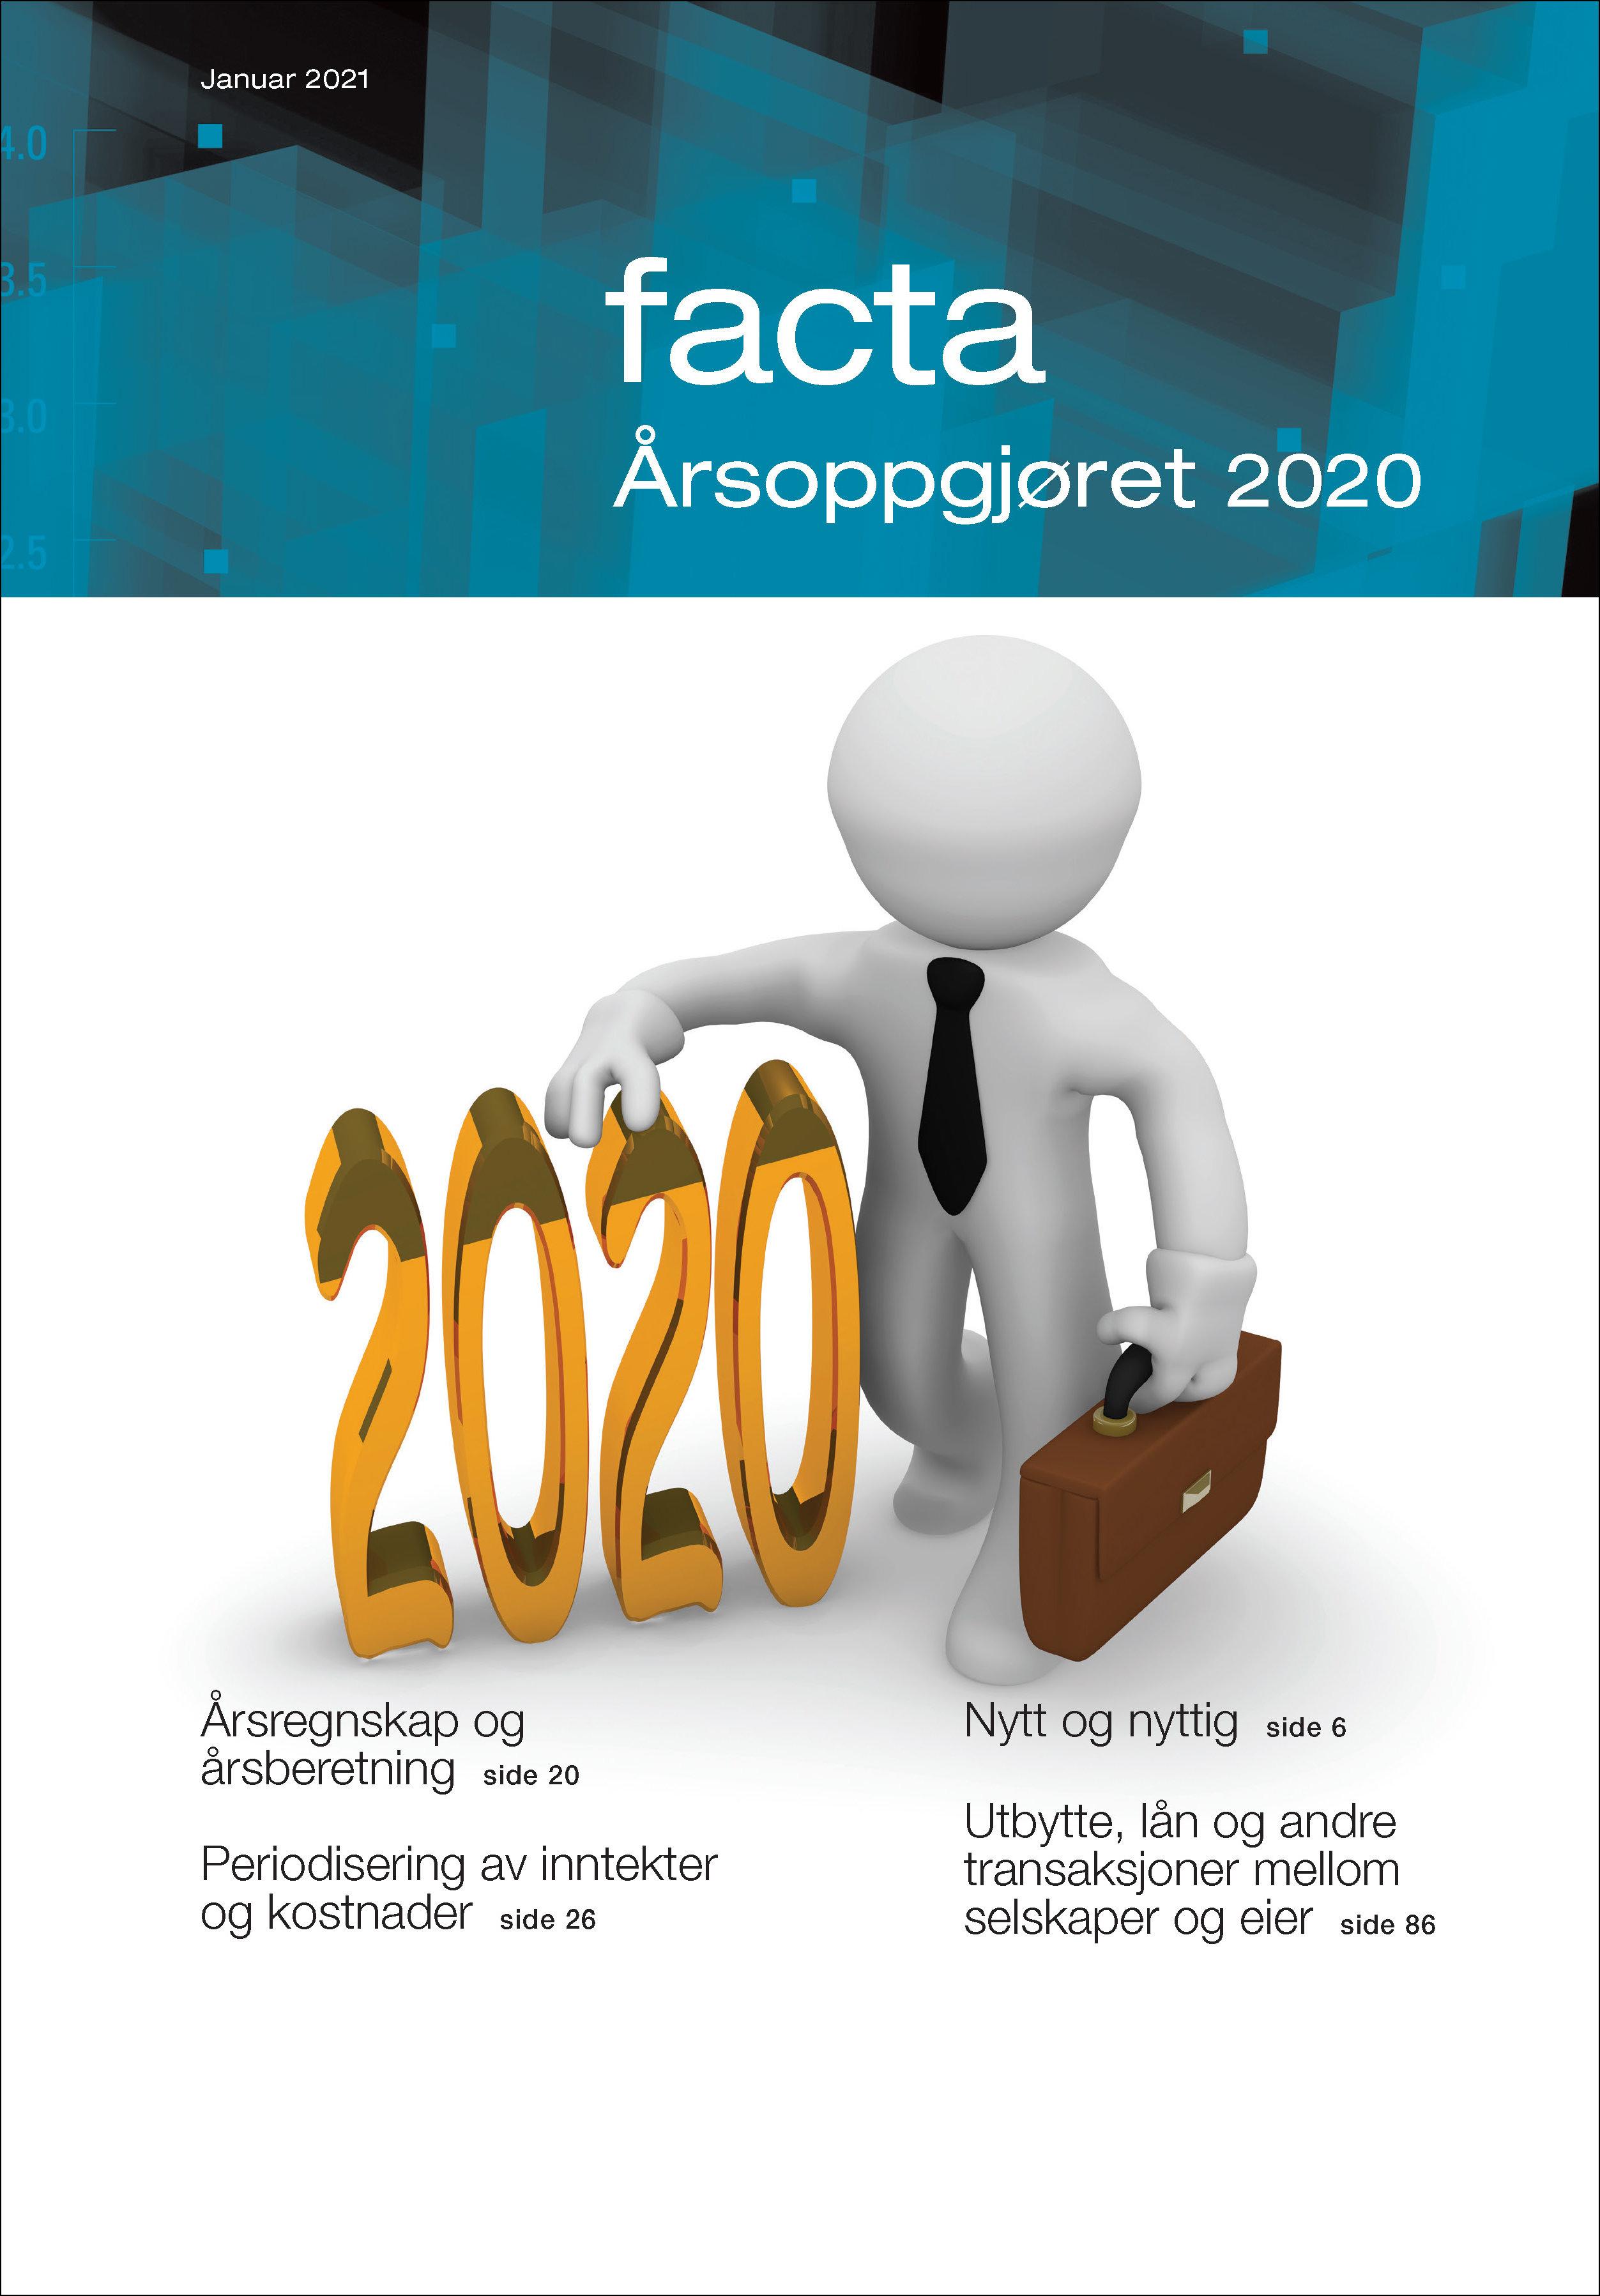 eFacta for årsoppgjøret 2020